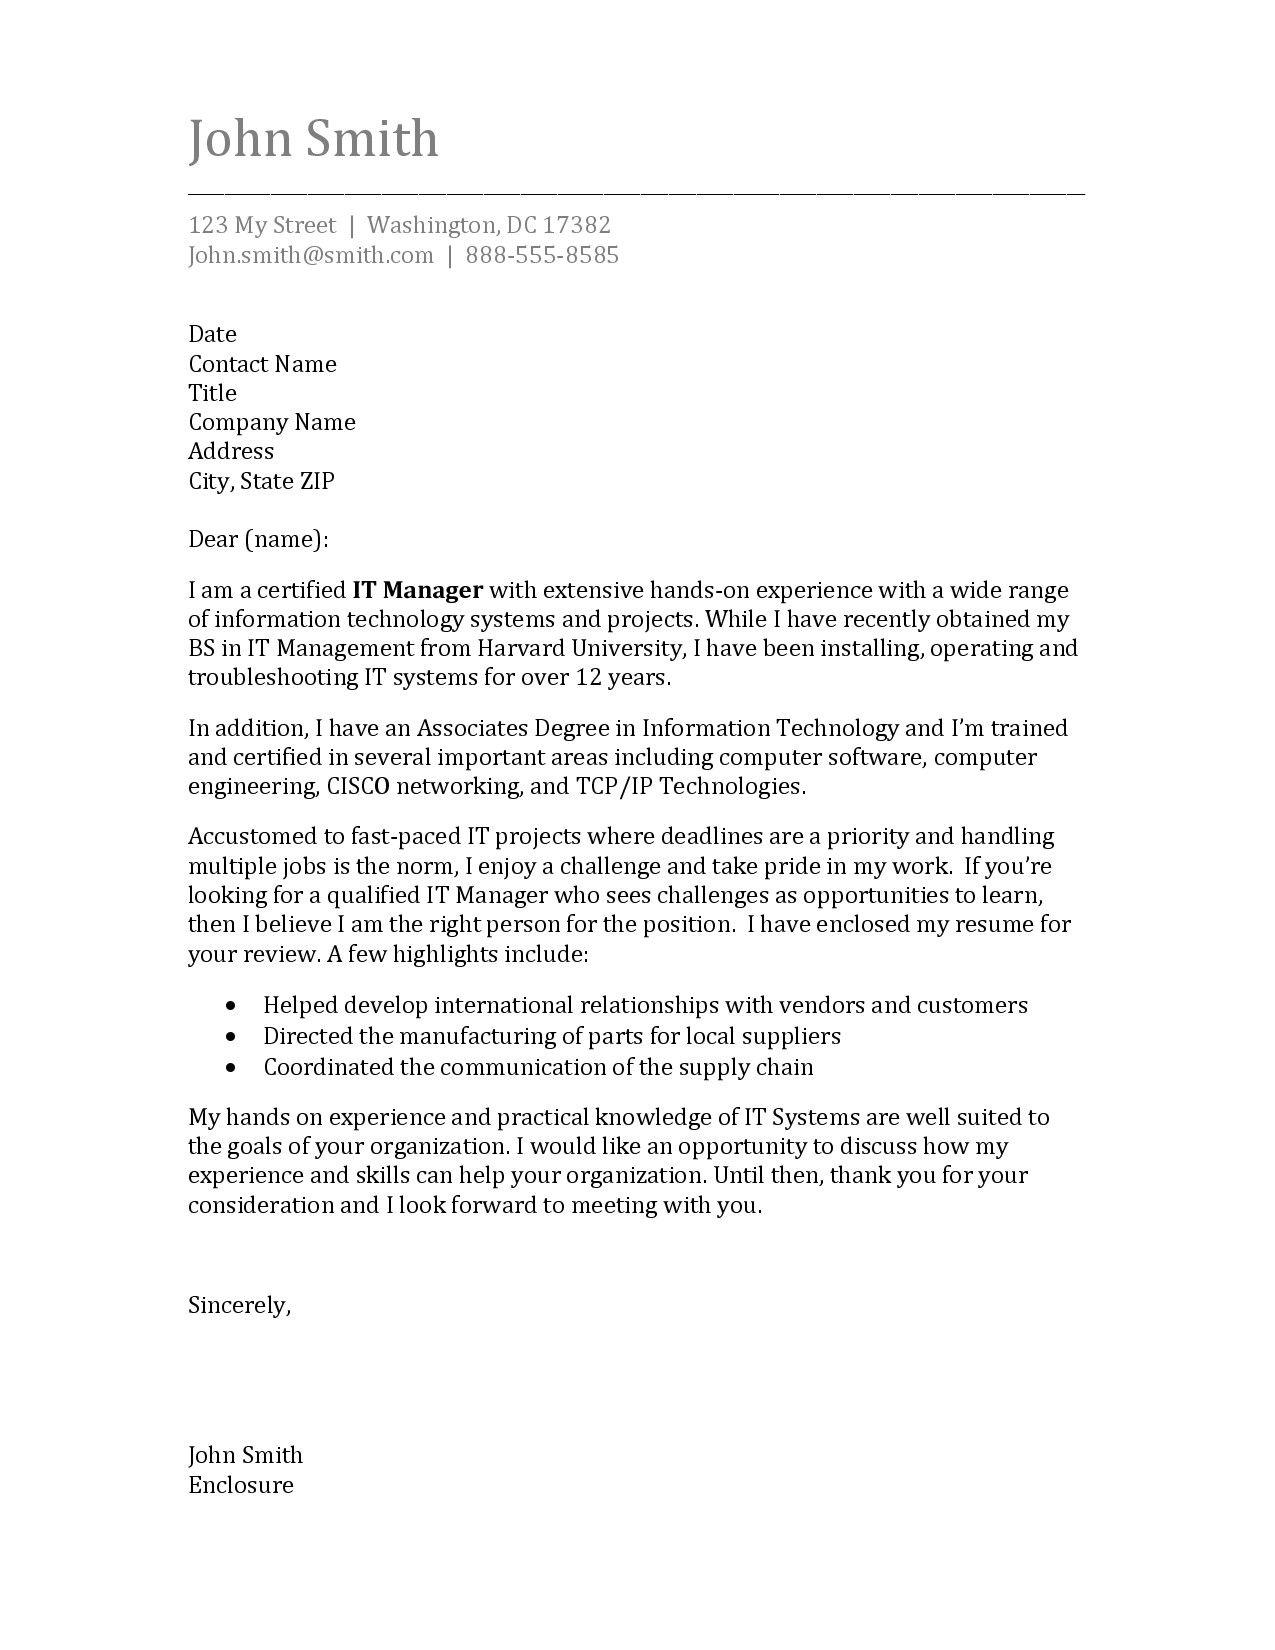 27 Harvard Cover Letter Cover Letter For Resume Cover Letter